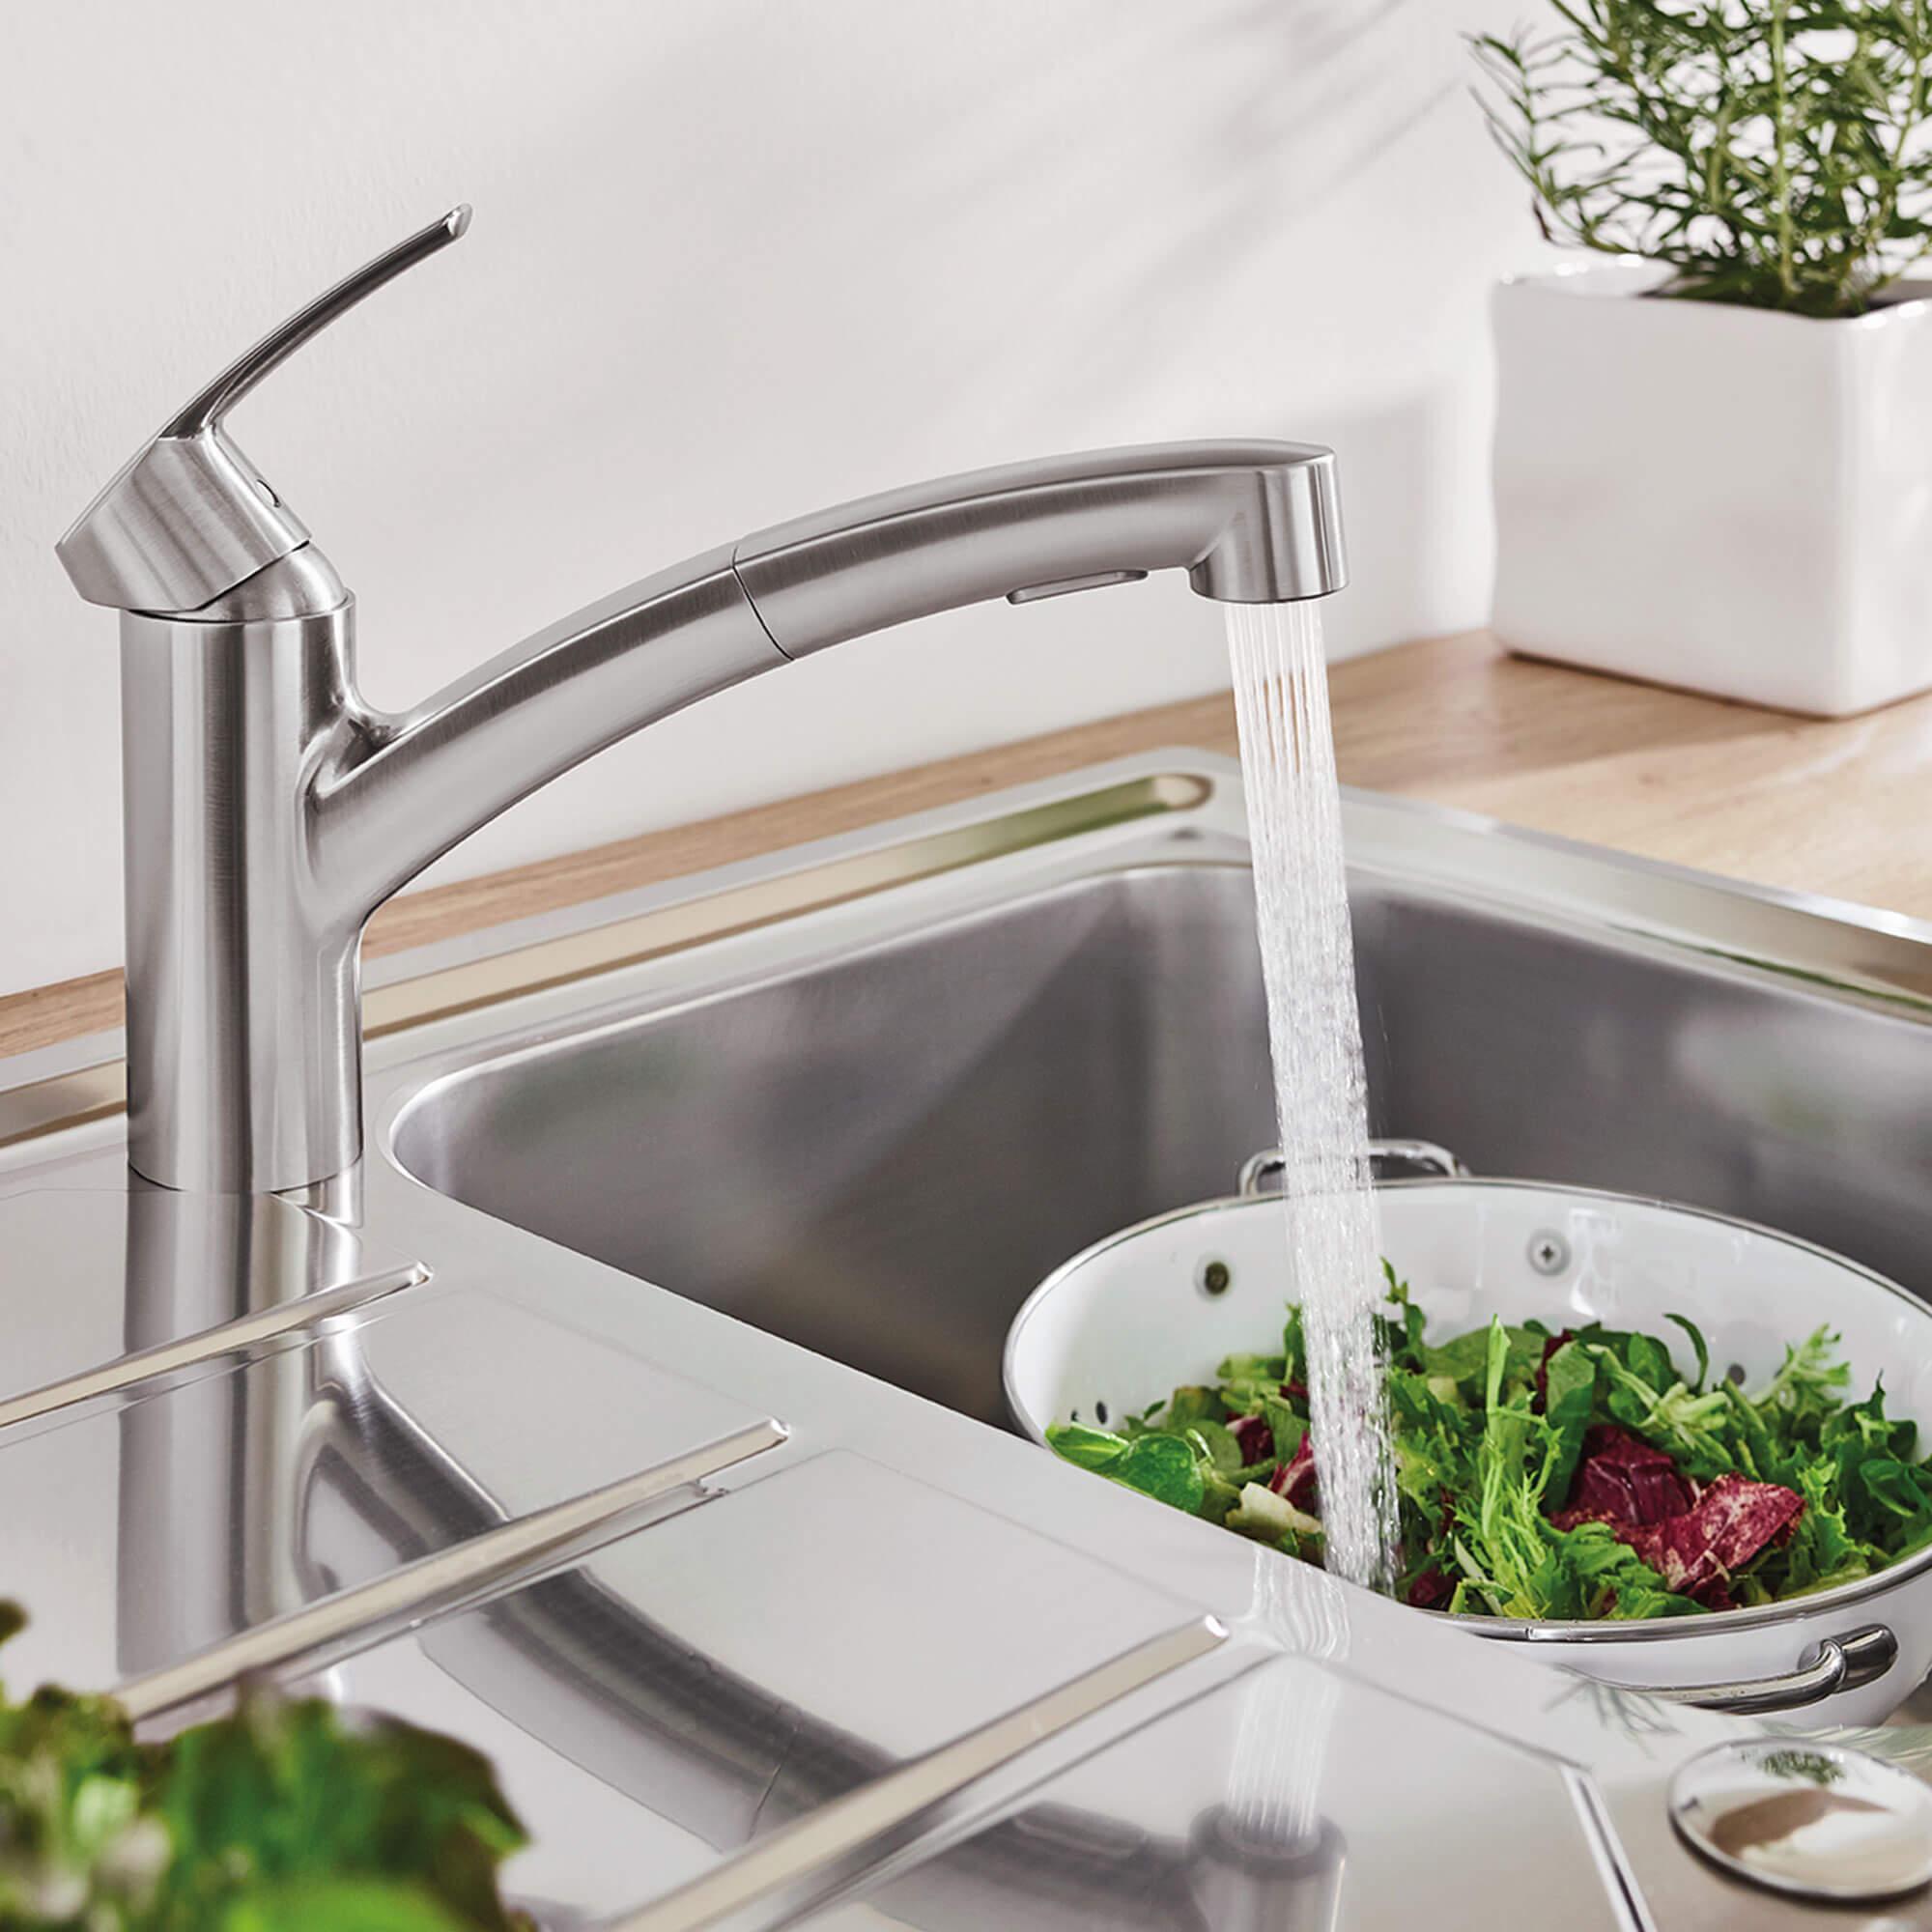 Le robinet de cuisine Eurosmart pulvérise de l'eau sur un bol de laitue.